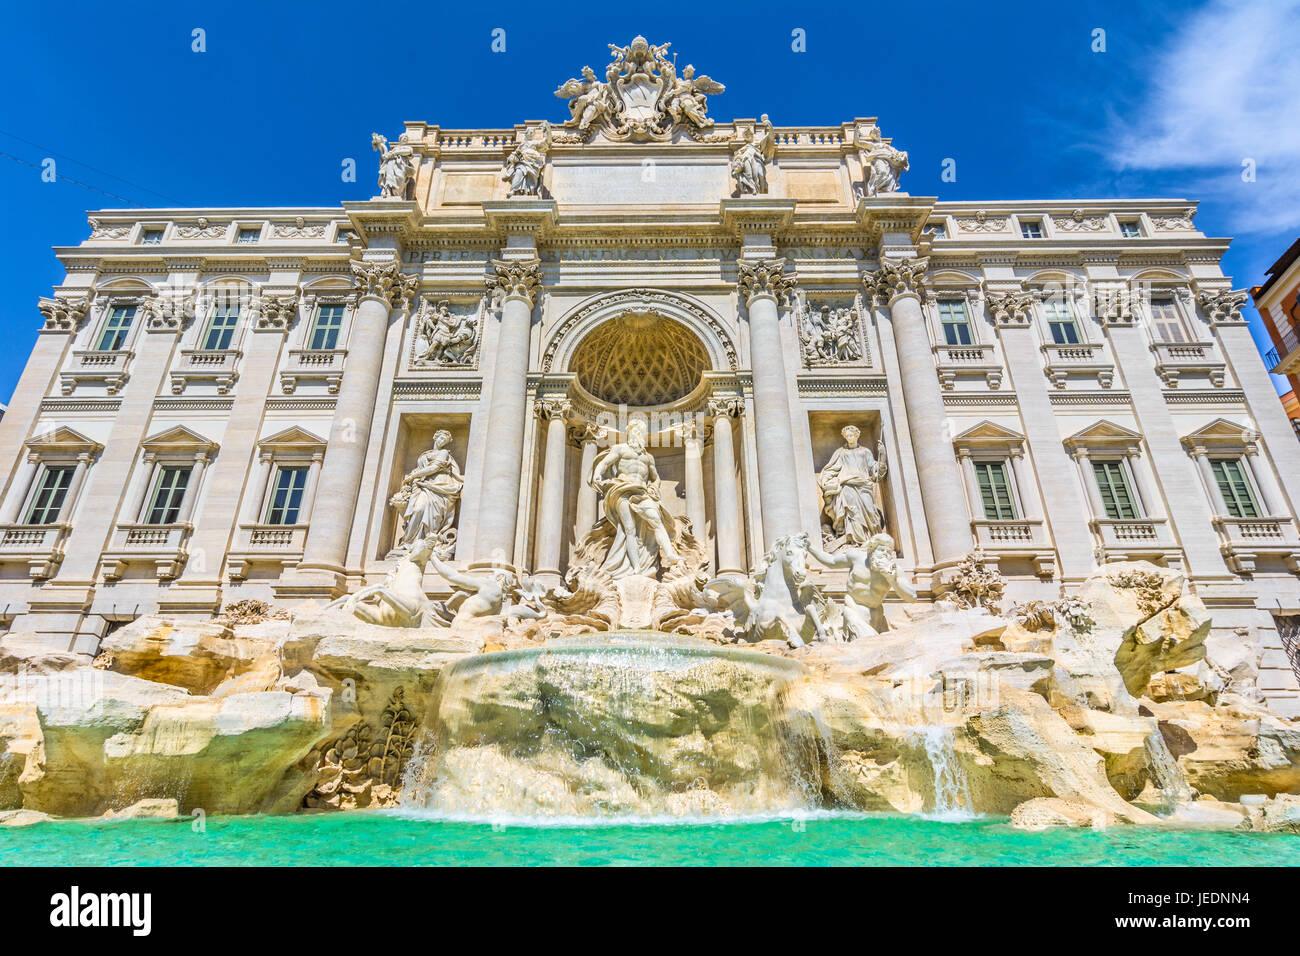 La fontana di trevi , fontana di trevi, è una fontana di trevi rione di Roma, Italia. standing 25.9 metri e Immagini Stock